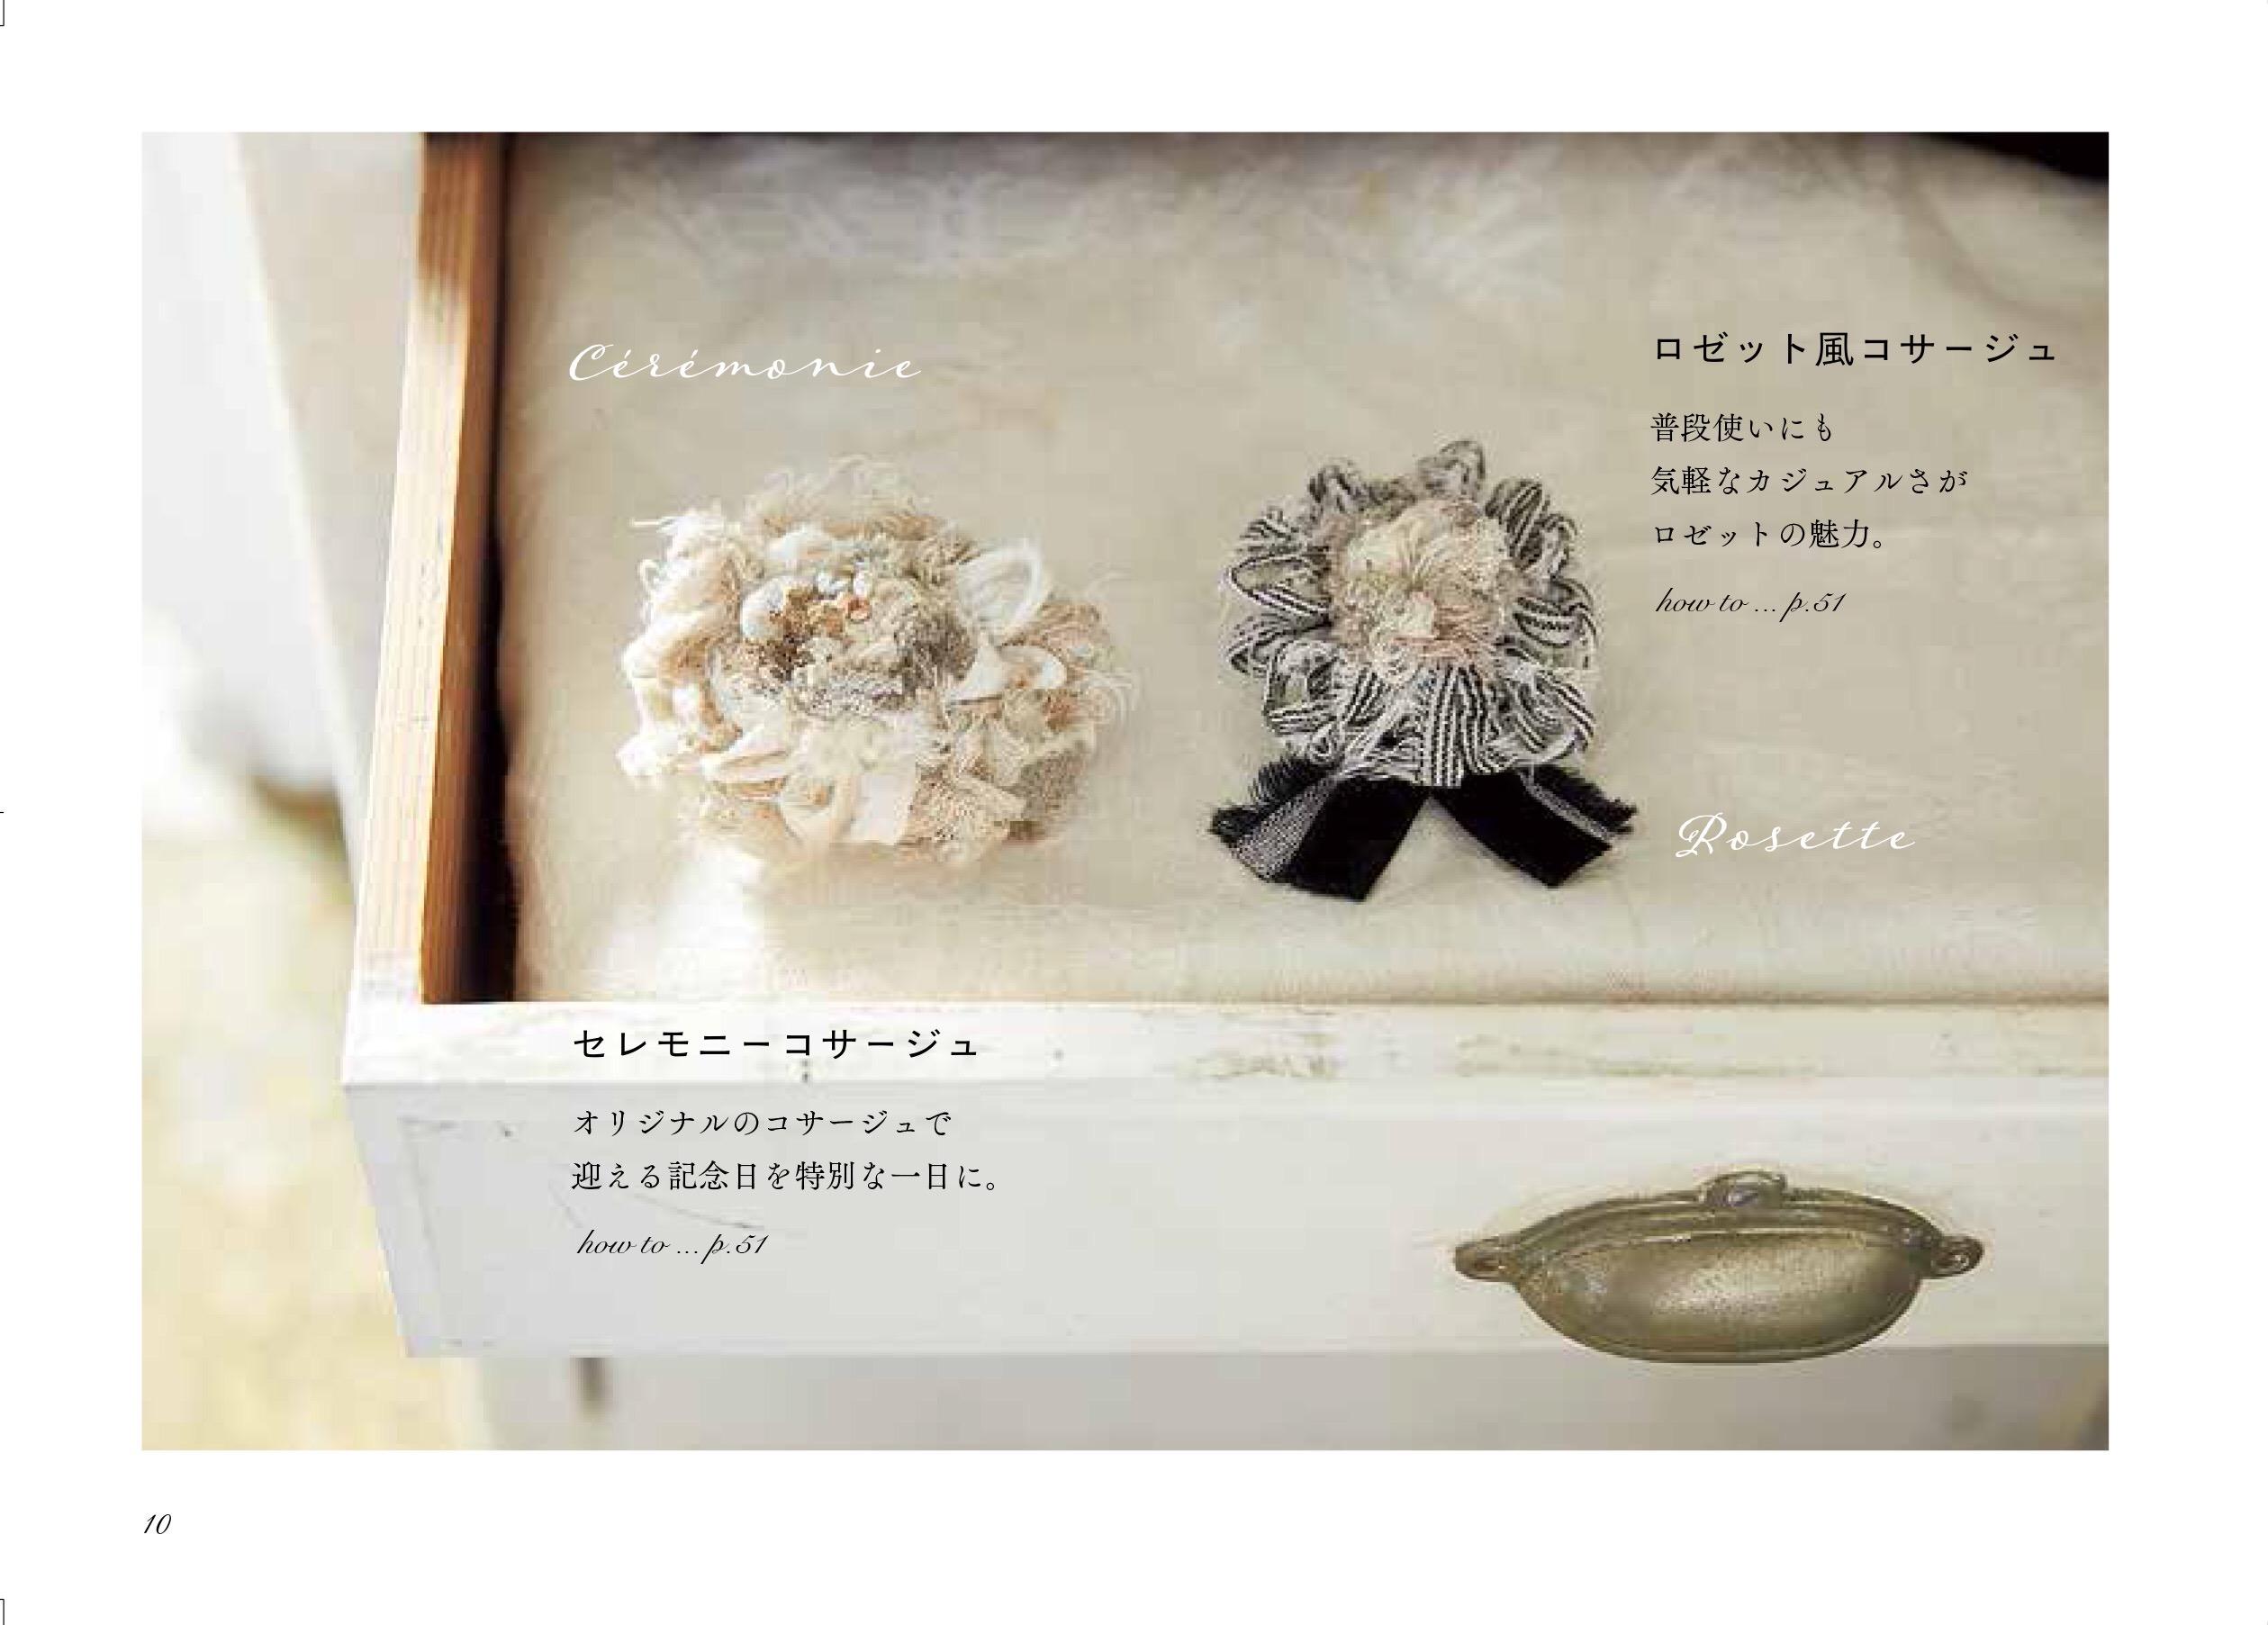 Ceremonie/Rosette